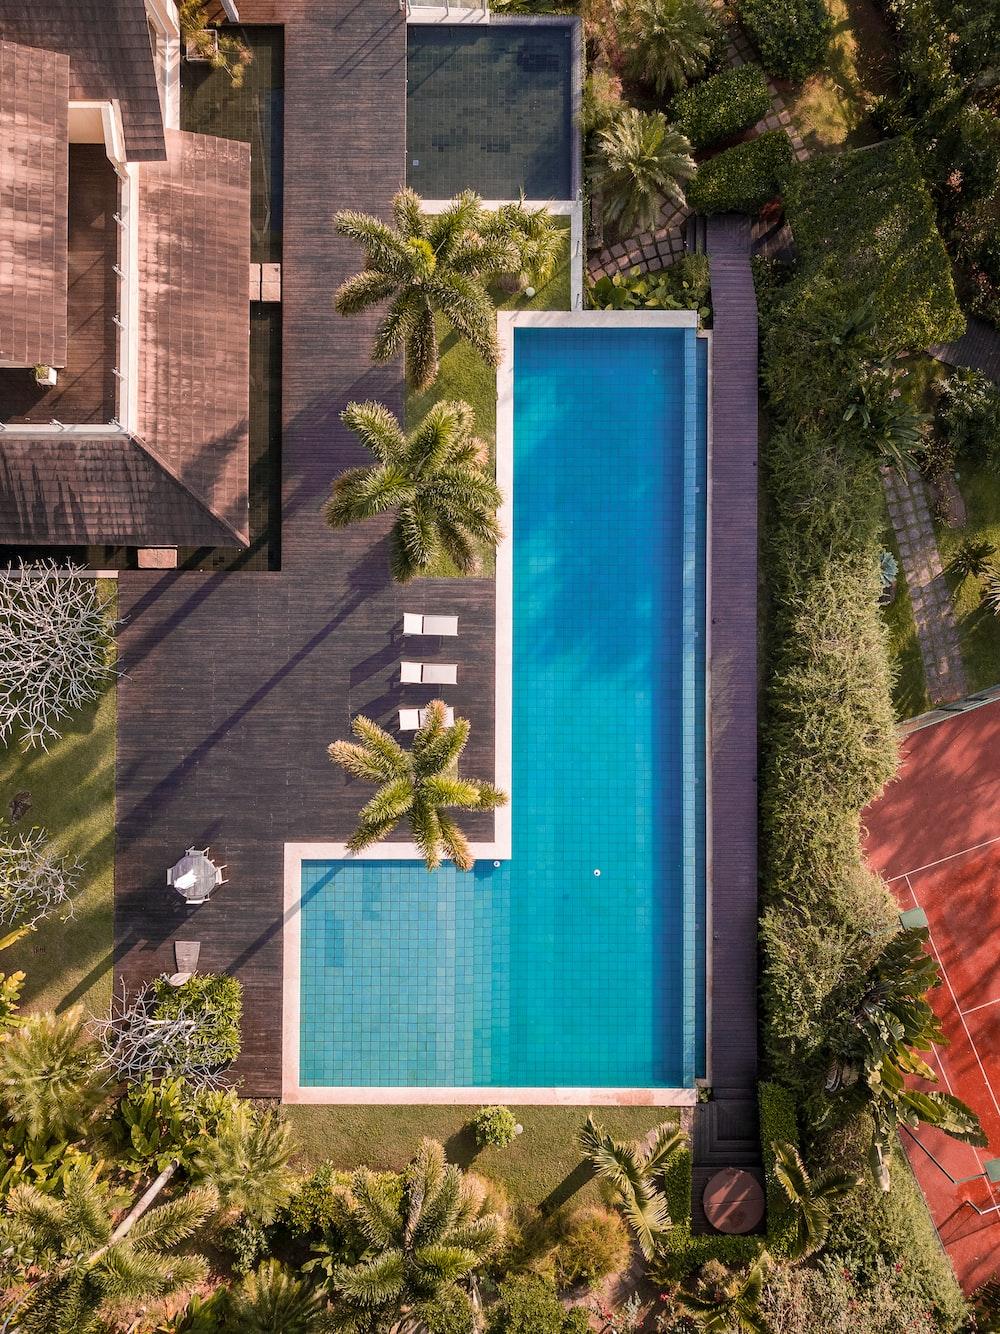 white-framed swimming pool